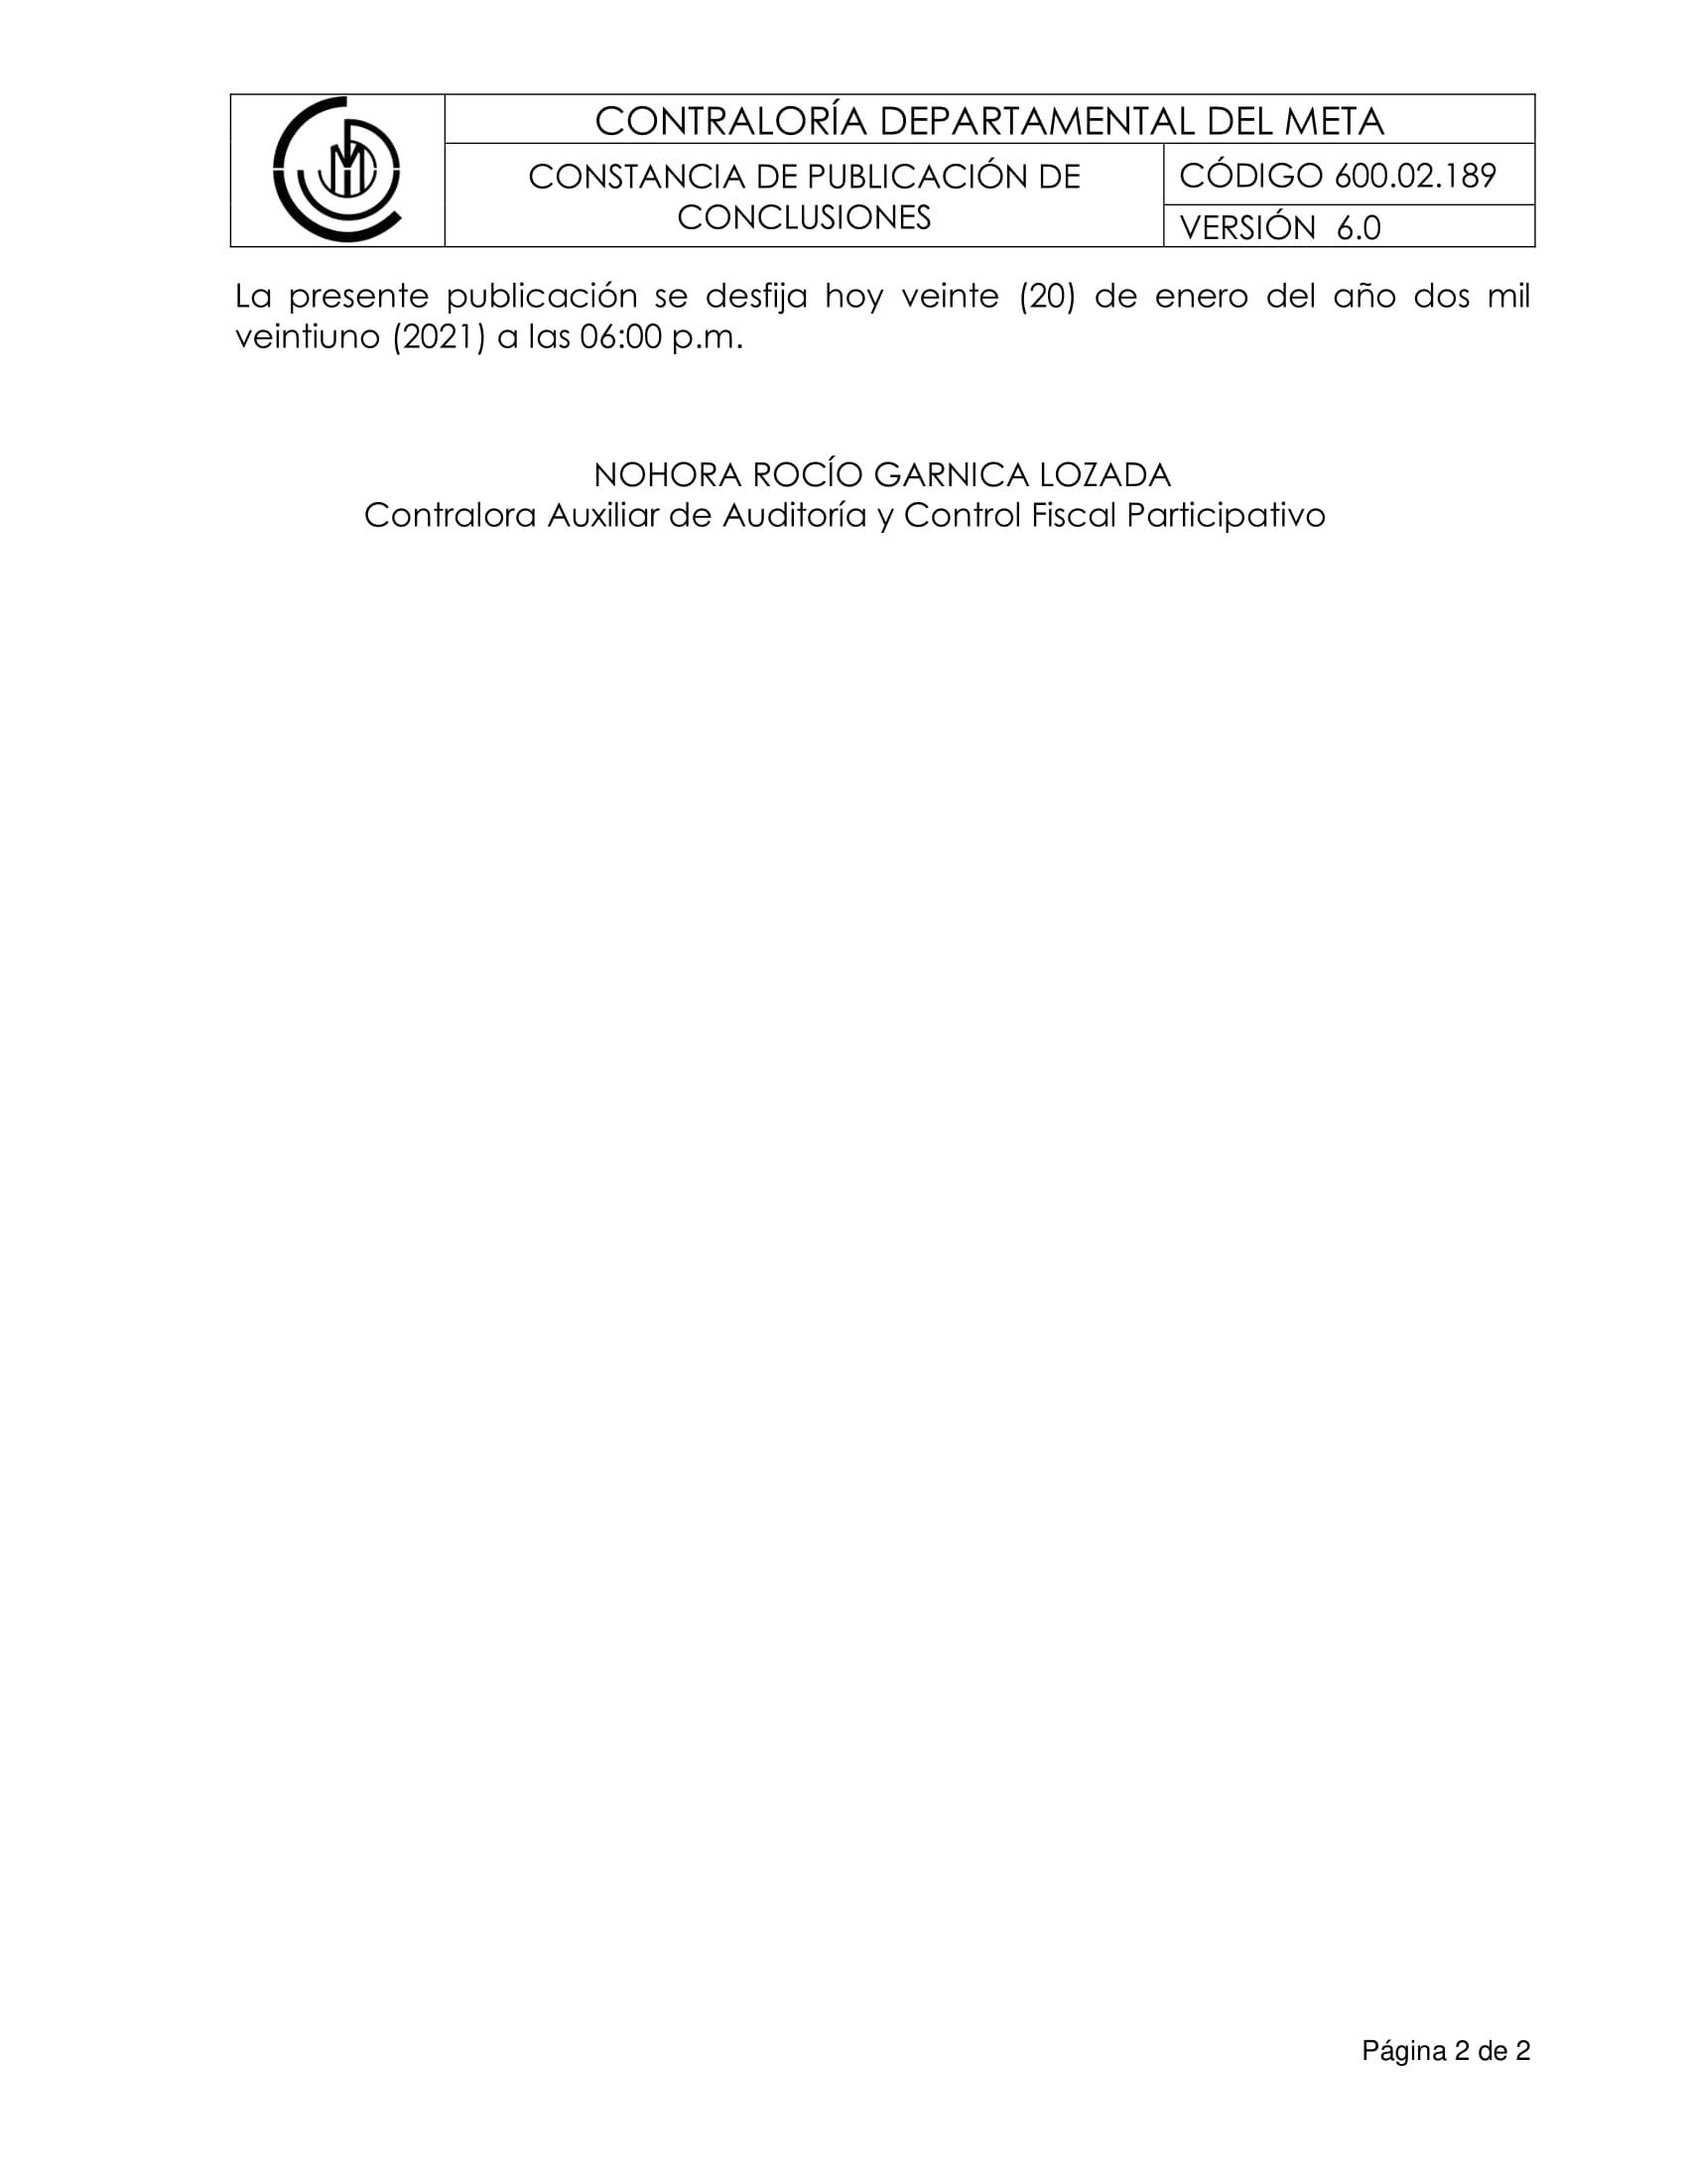 600-02-189_constancia_de_publicacion_de_conclusiones_v6-6-2